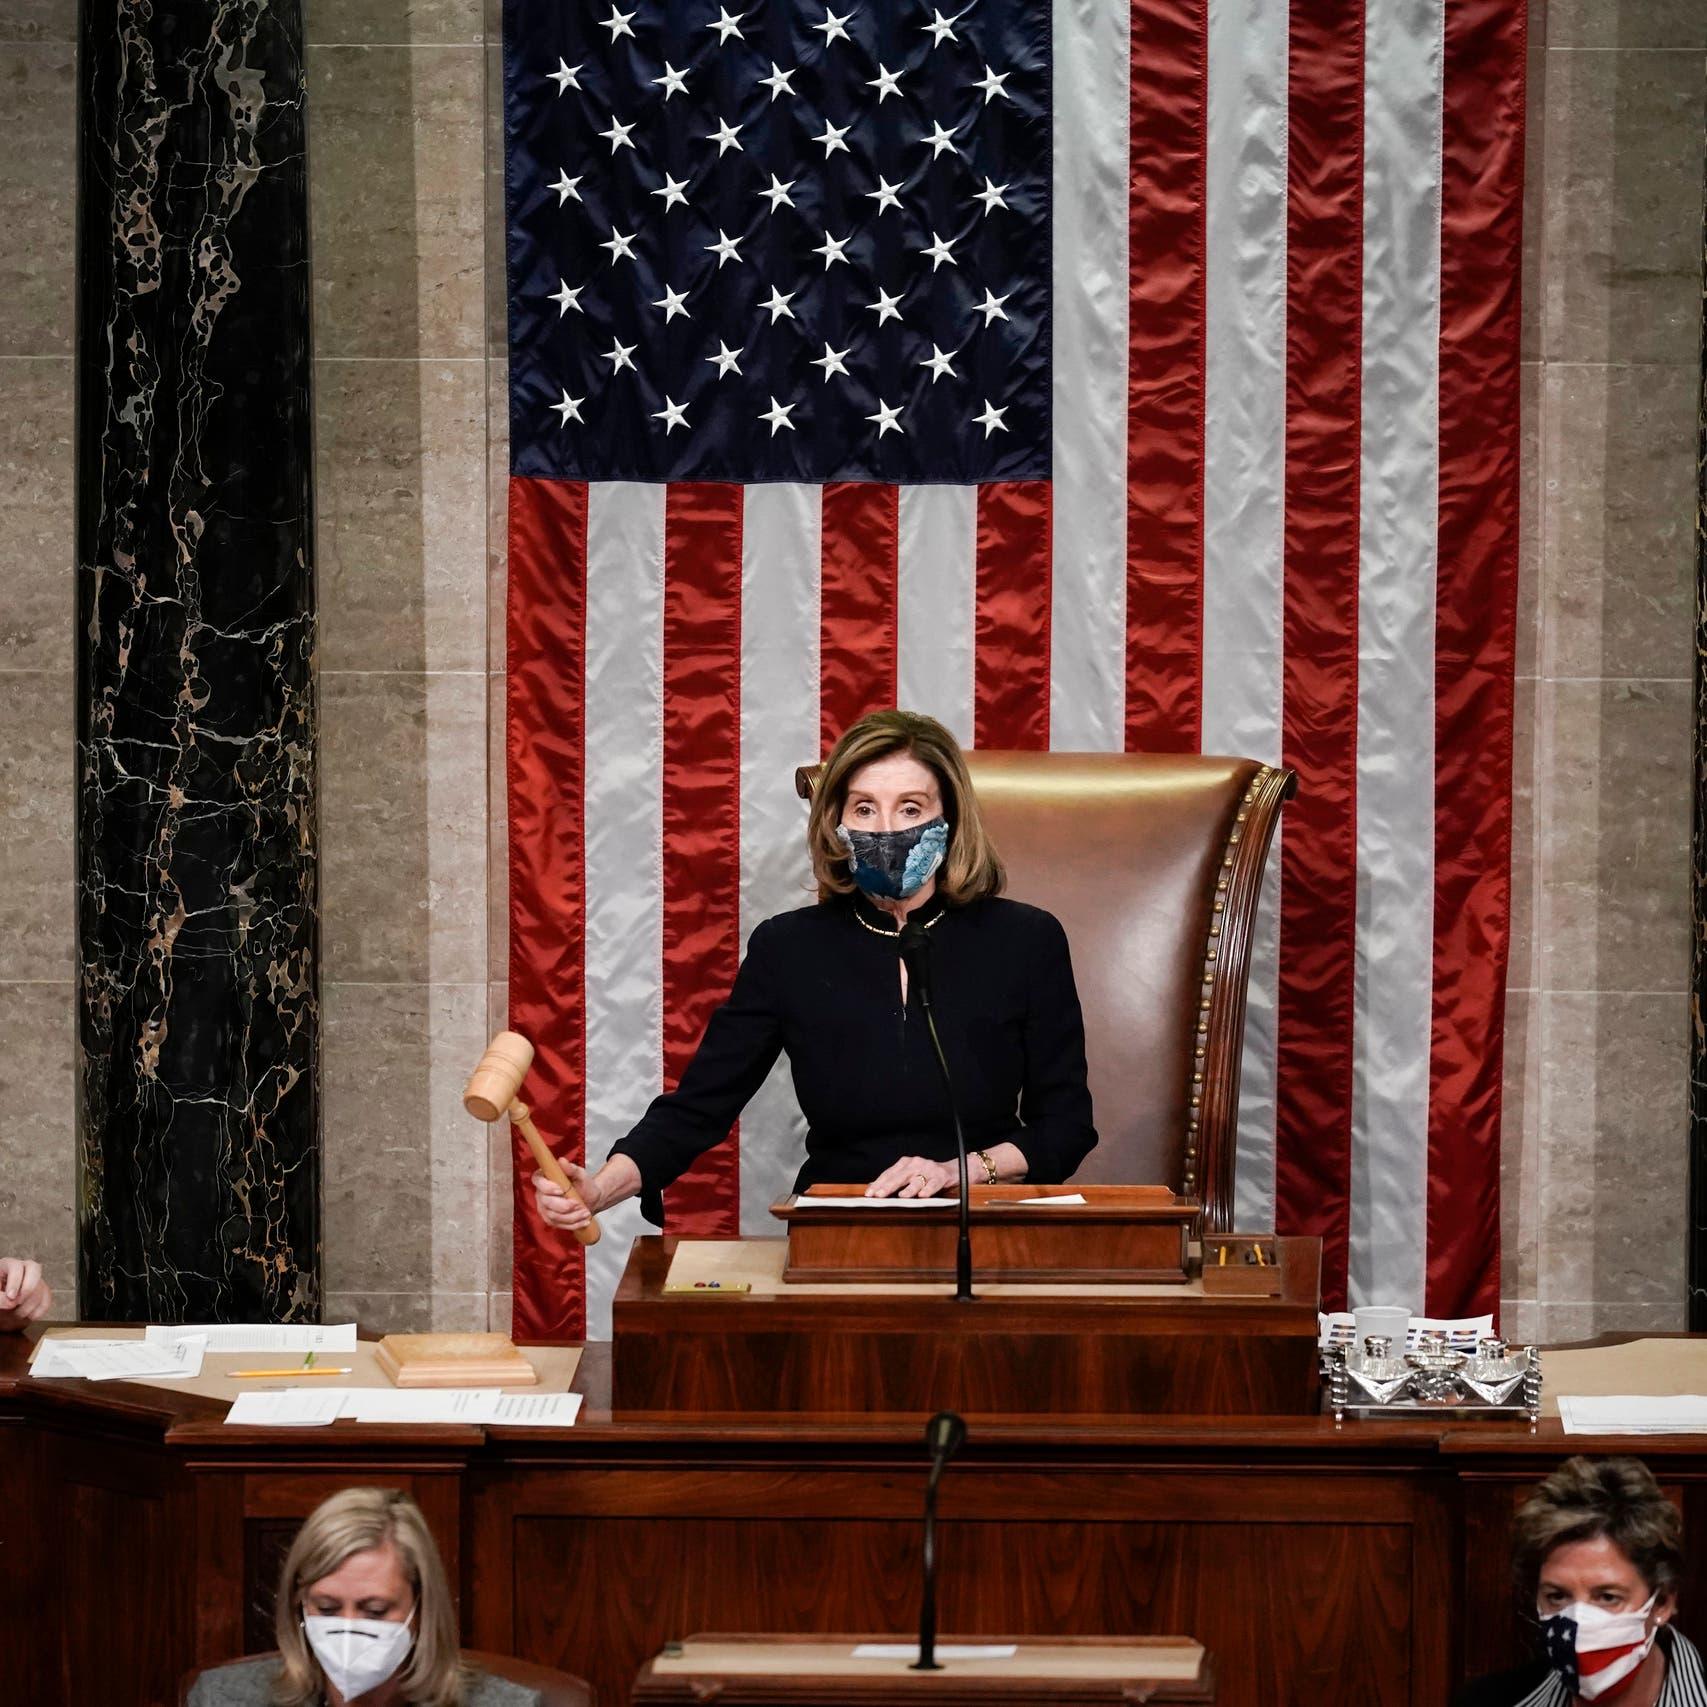 الكونغرس يبدأ جلسات المصادقة على تعيينات بايدن الوزارية